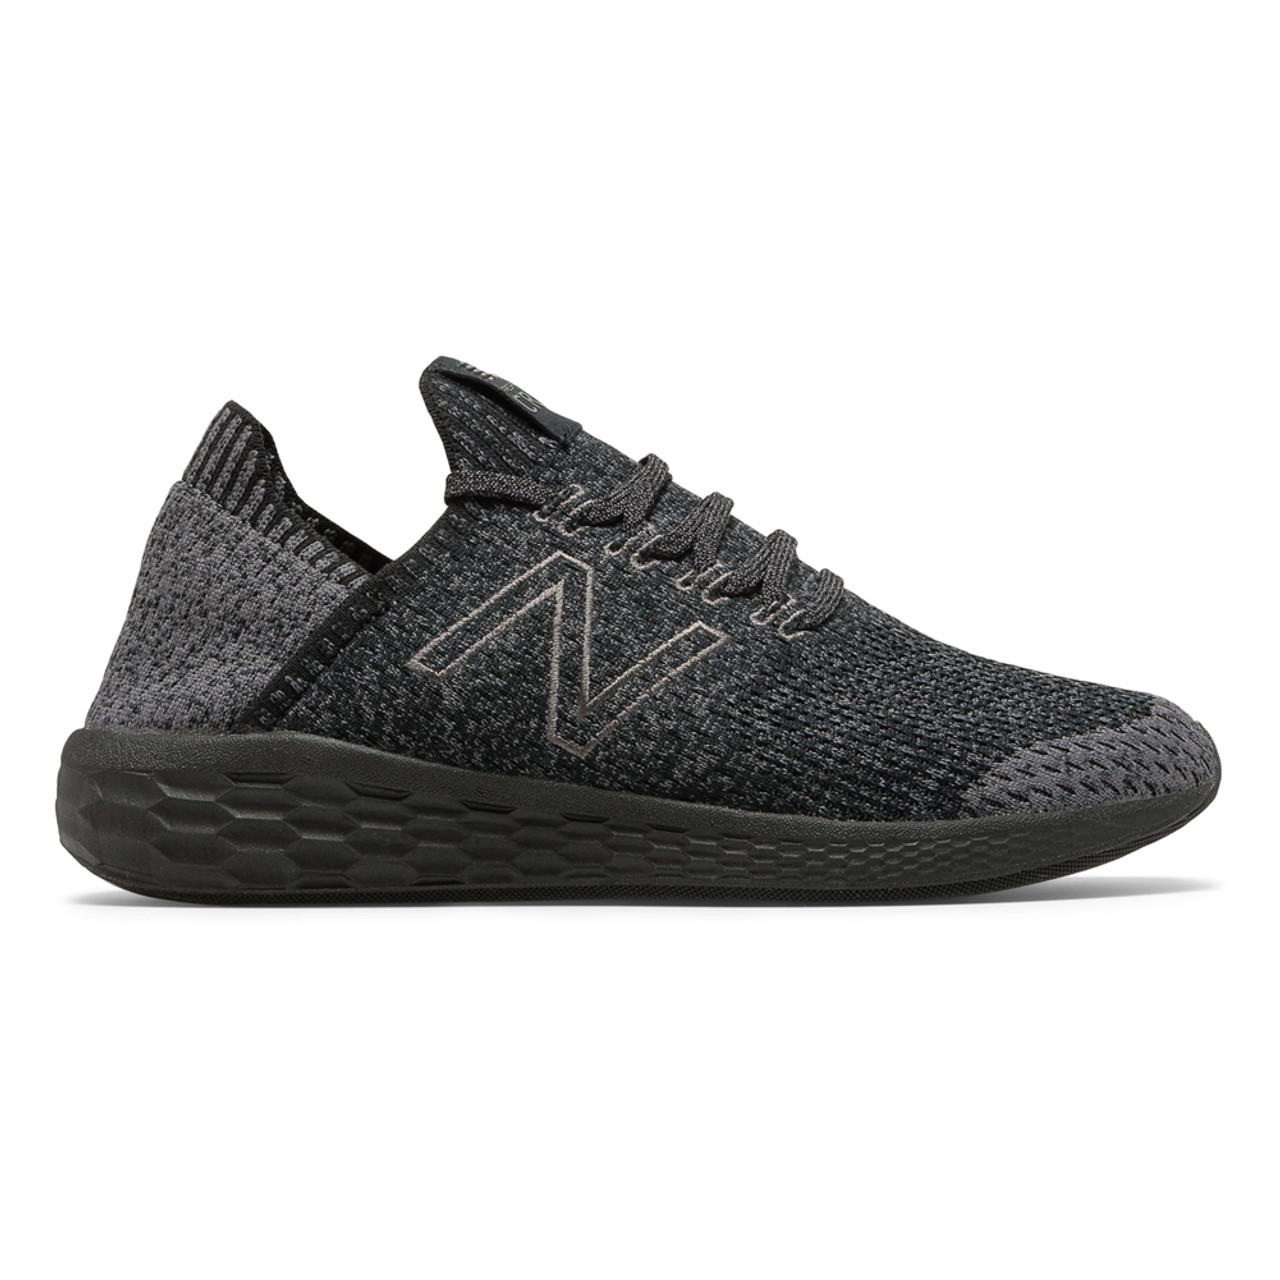 buy online aada1 cc1c9 New Balance Men's MCRZSSM2 Running Shoe Magnet/Black